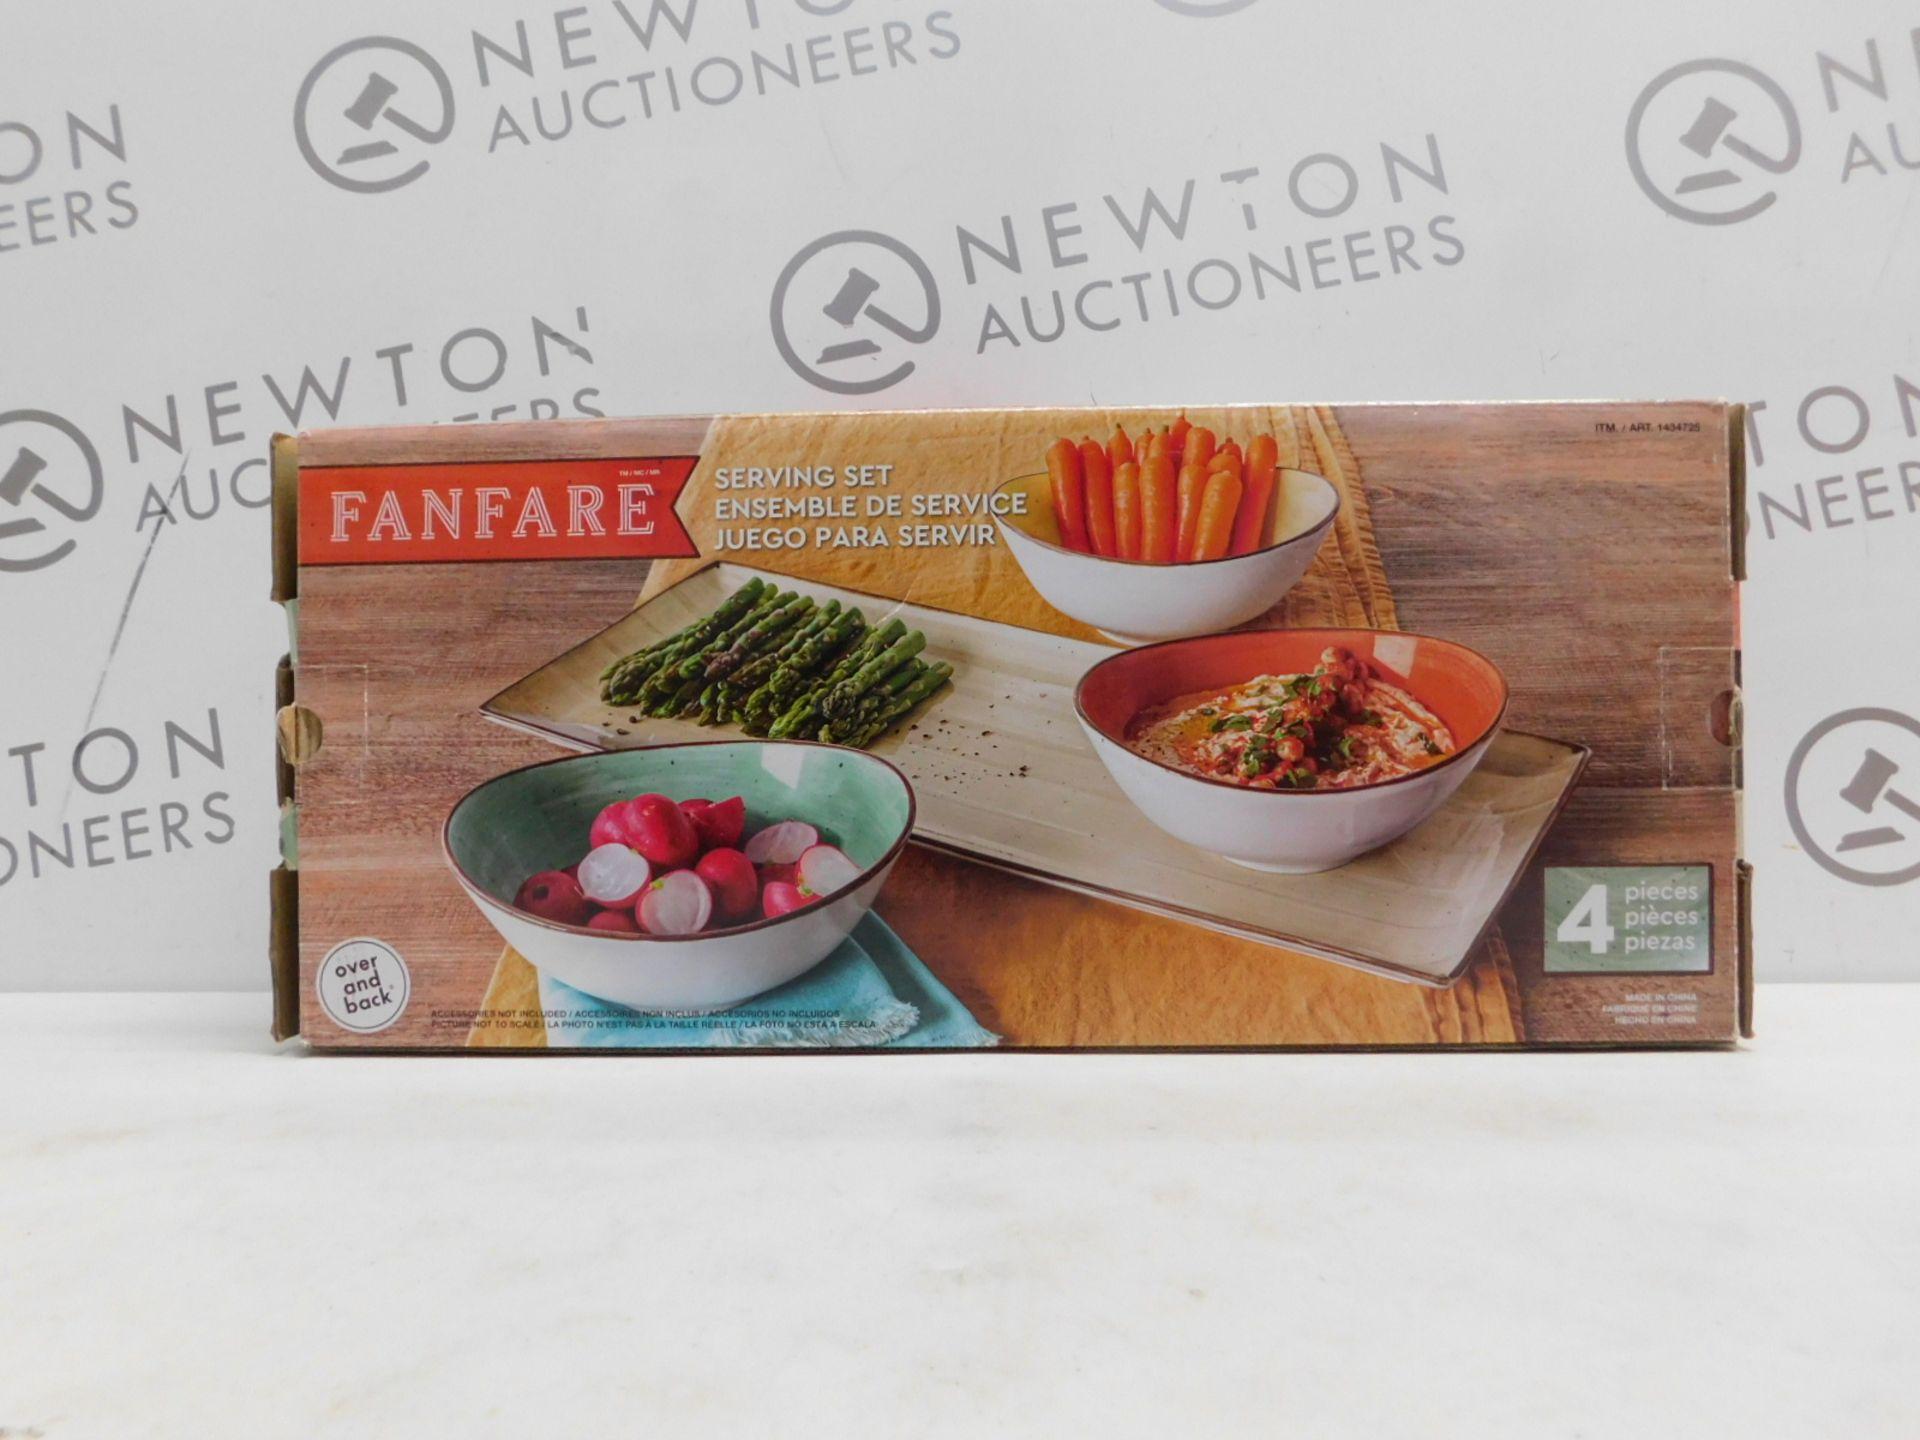 1 BOXED FANFARE OVER & BACK FANFARE STONEWARE 4 PIECE SERVING SET RRP £29